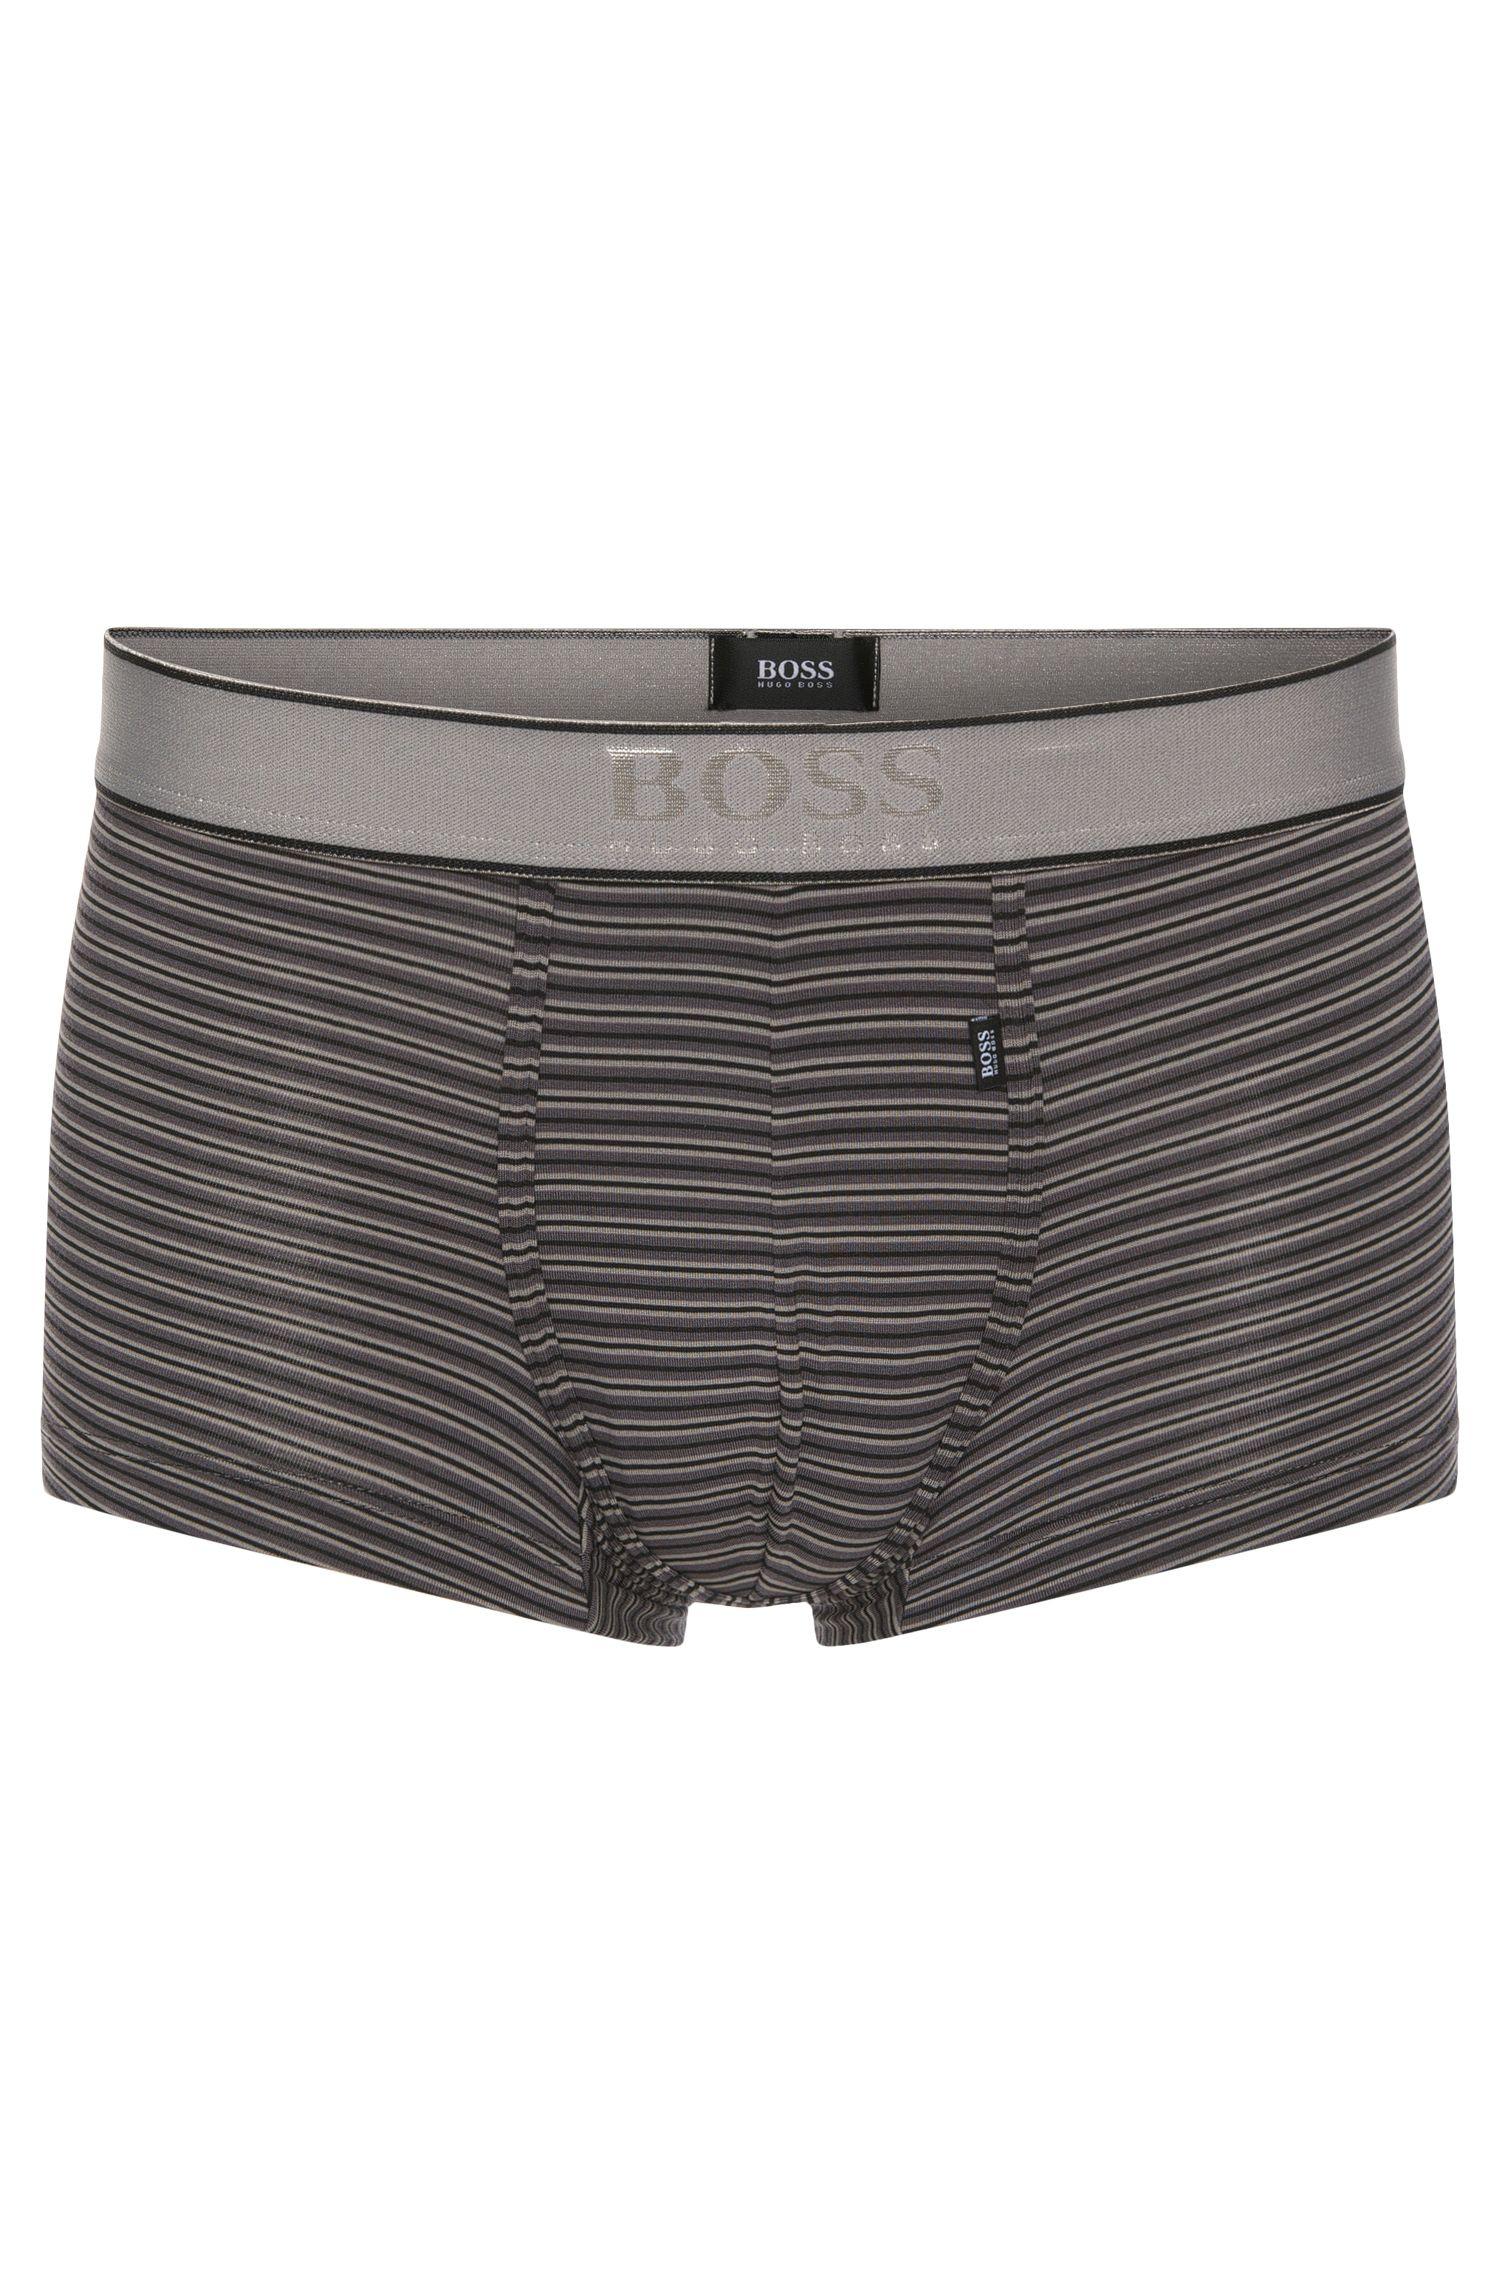 Boxer à rayures en modal mélangé extensible: «Boxer Modal stripes»